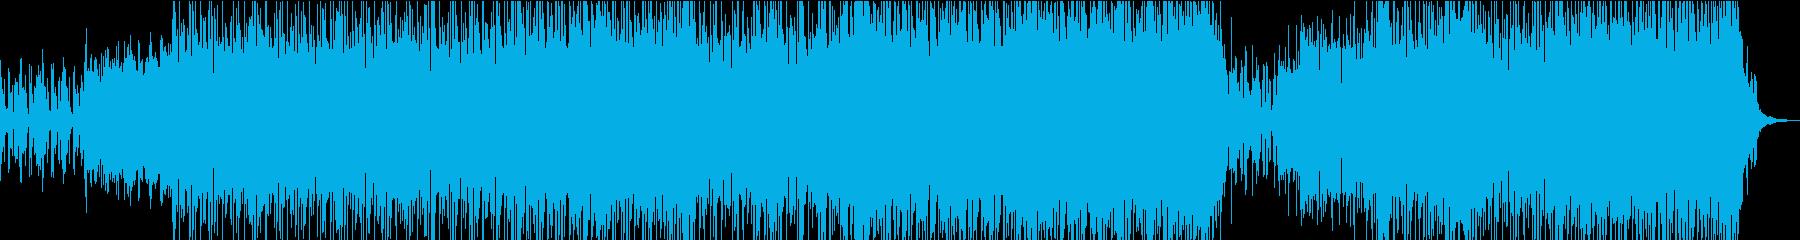 エッジの効いたエレクトロロック。噛...の再生済みの波形